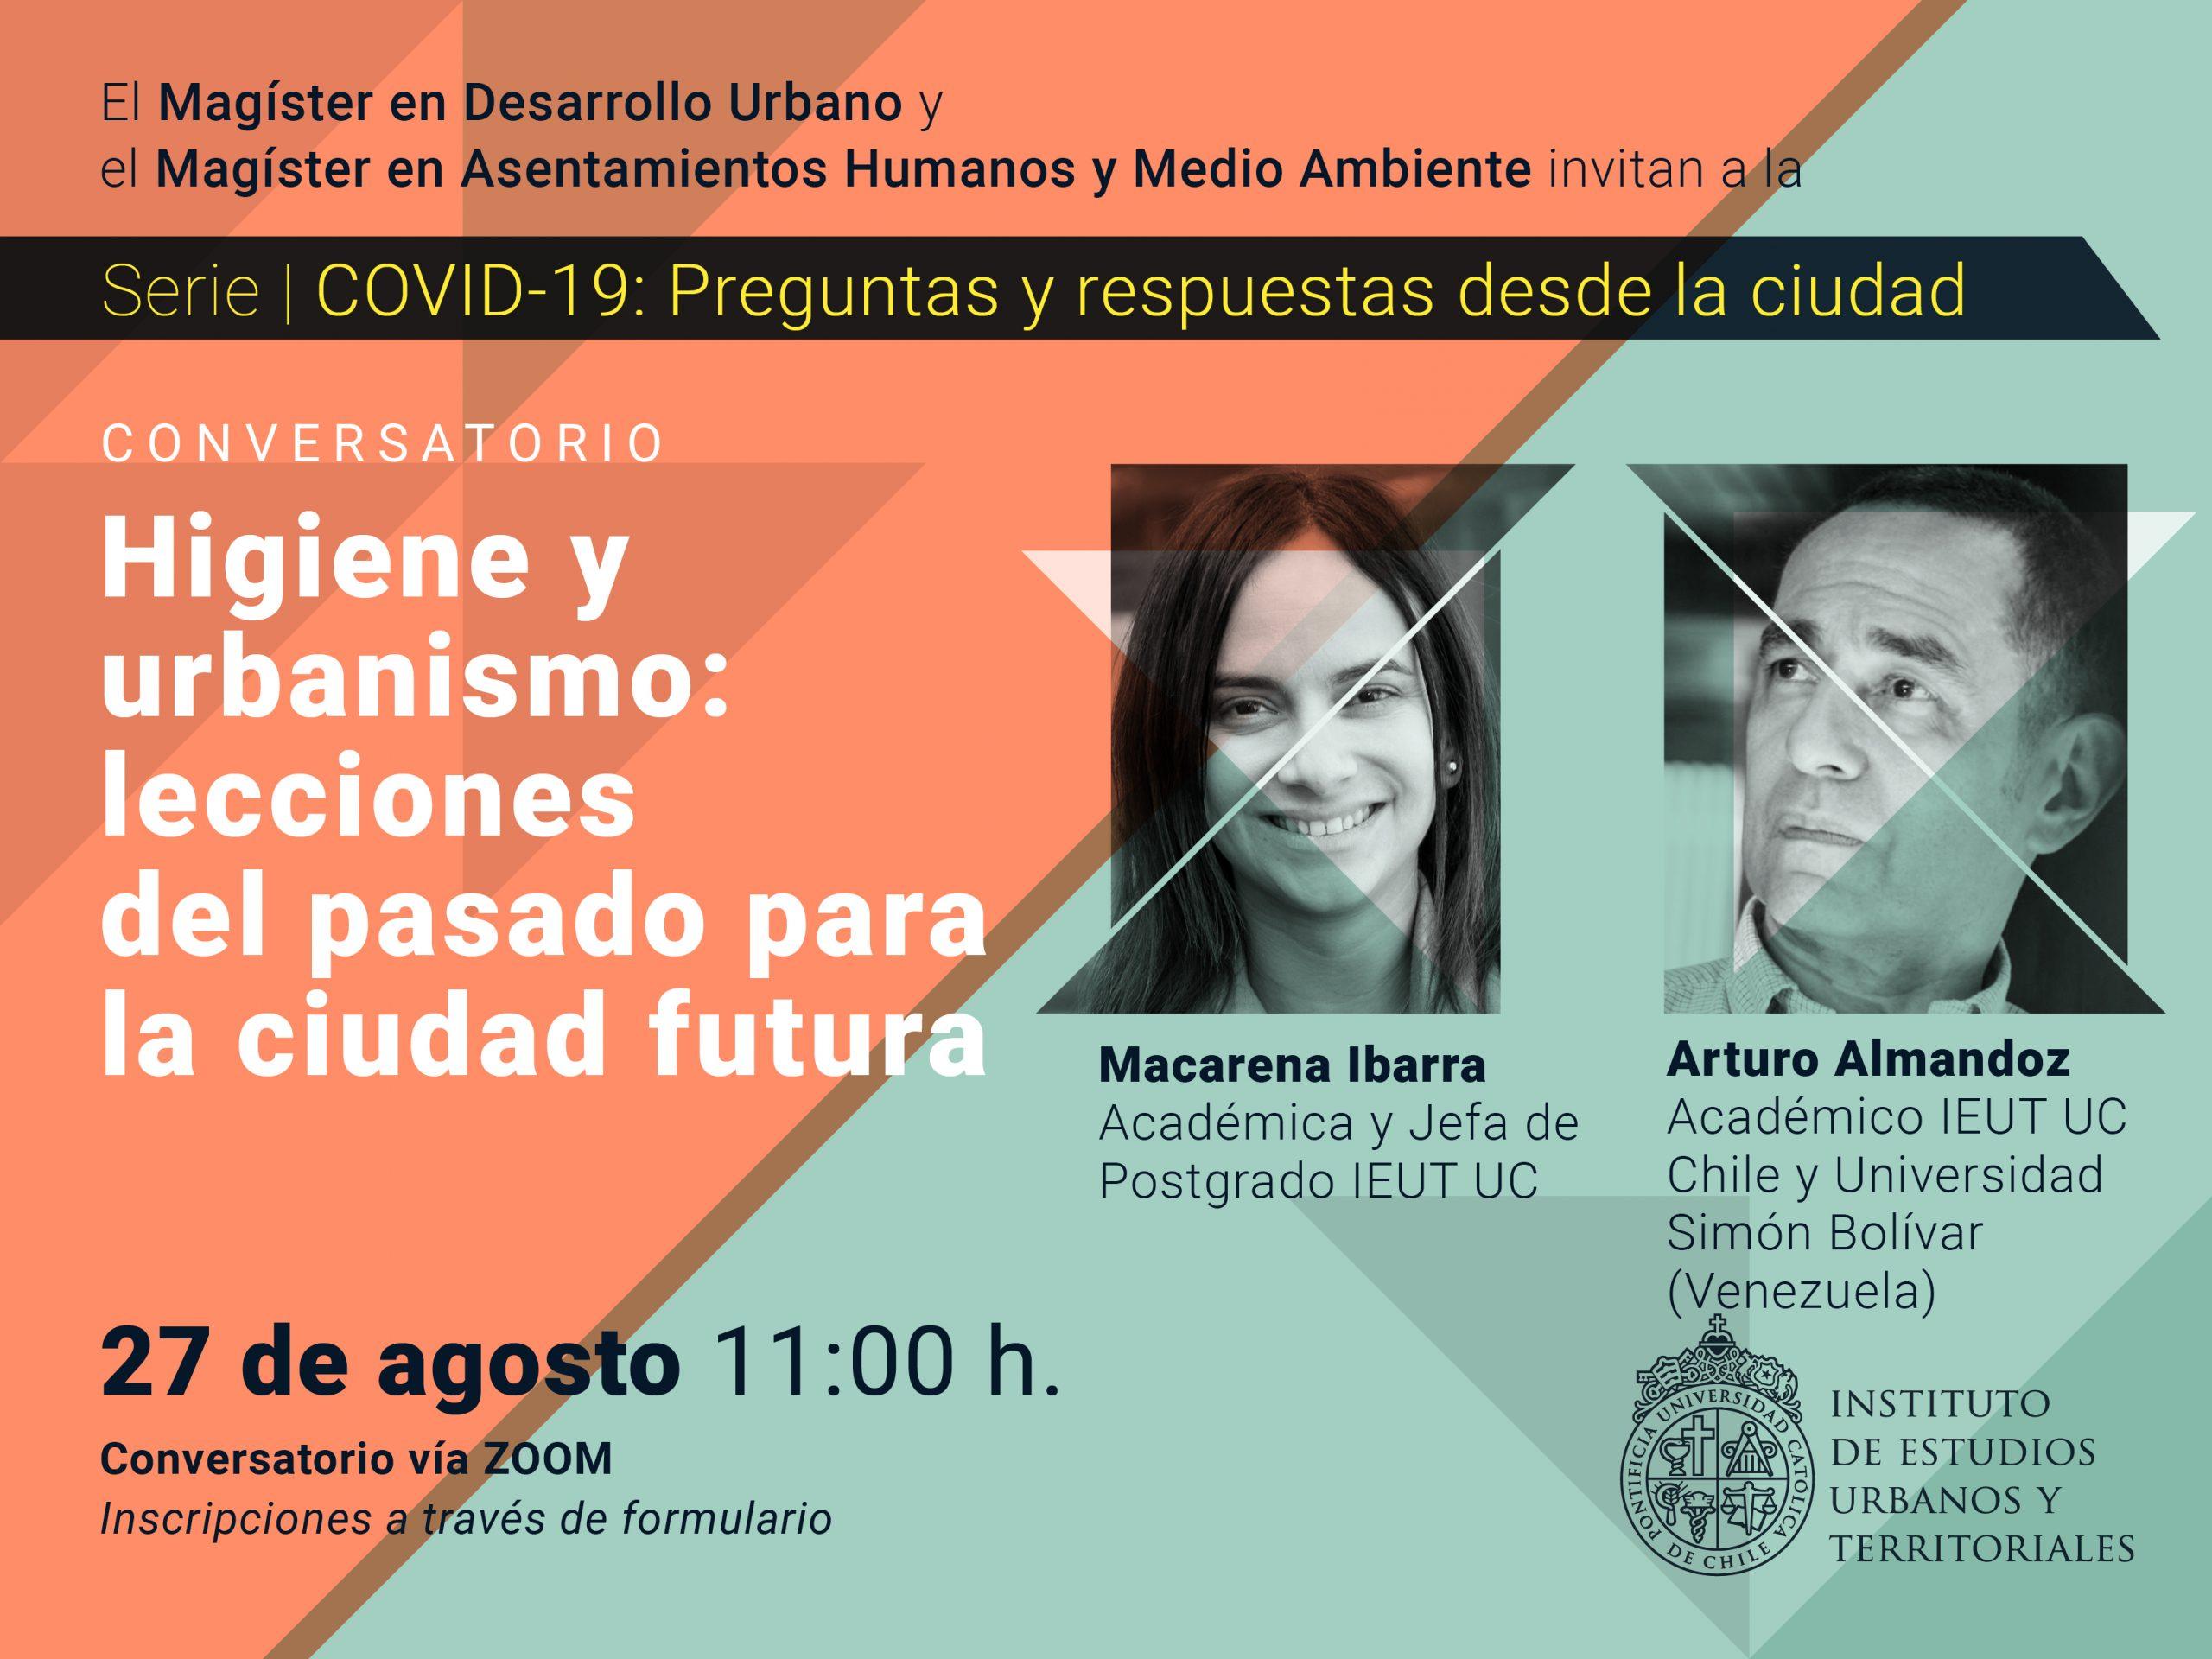 Serie | COVID-19: preguntas y respuestas desde la ciudad. Conversatorio: Higiene y urbanismo: lecciones del pasado para la ciudad futura